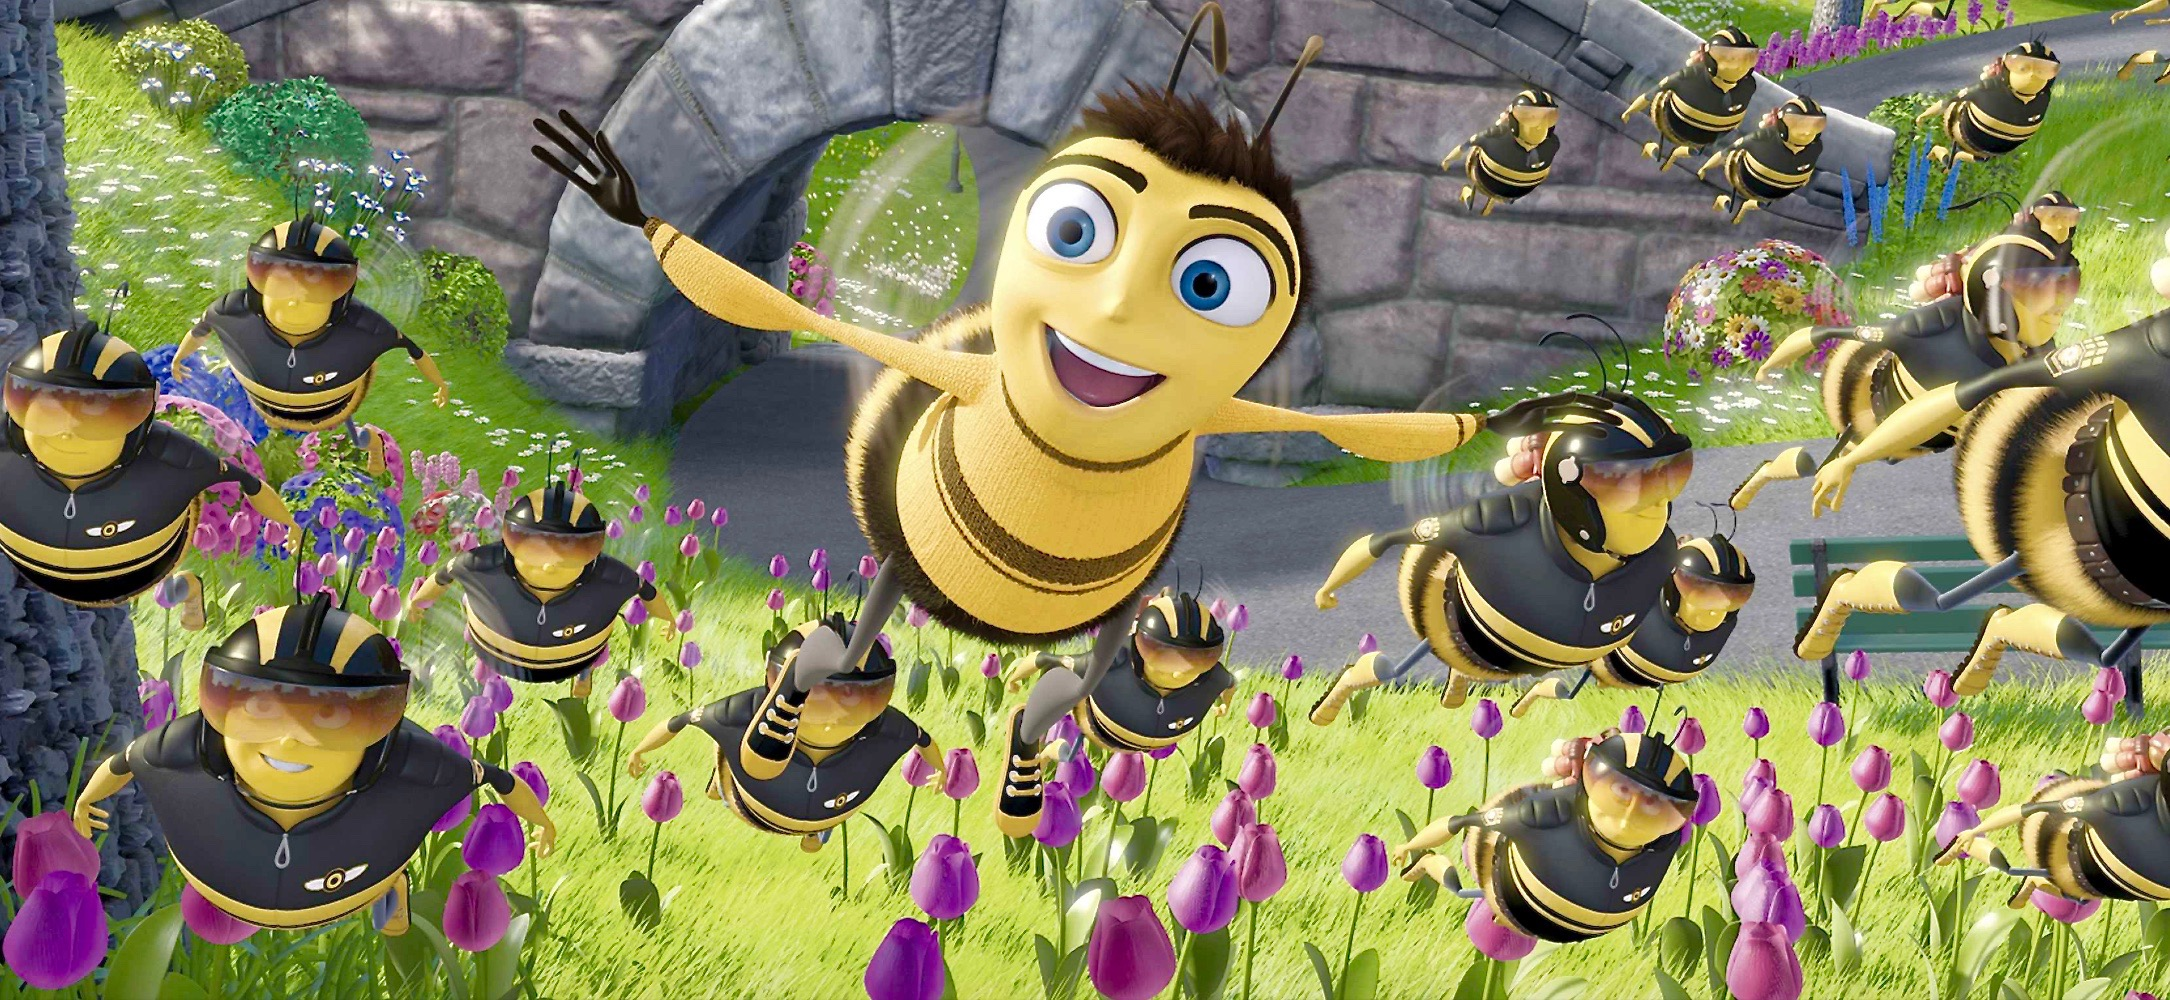 Children's Movies About Gardening